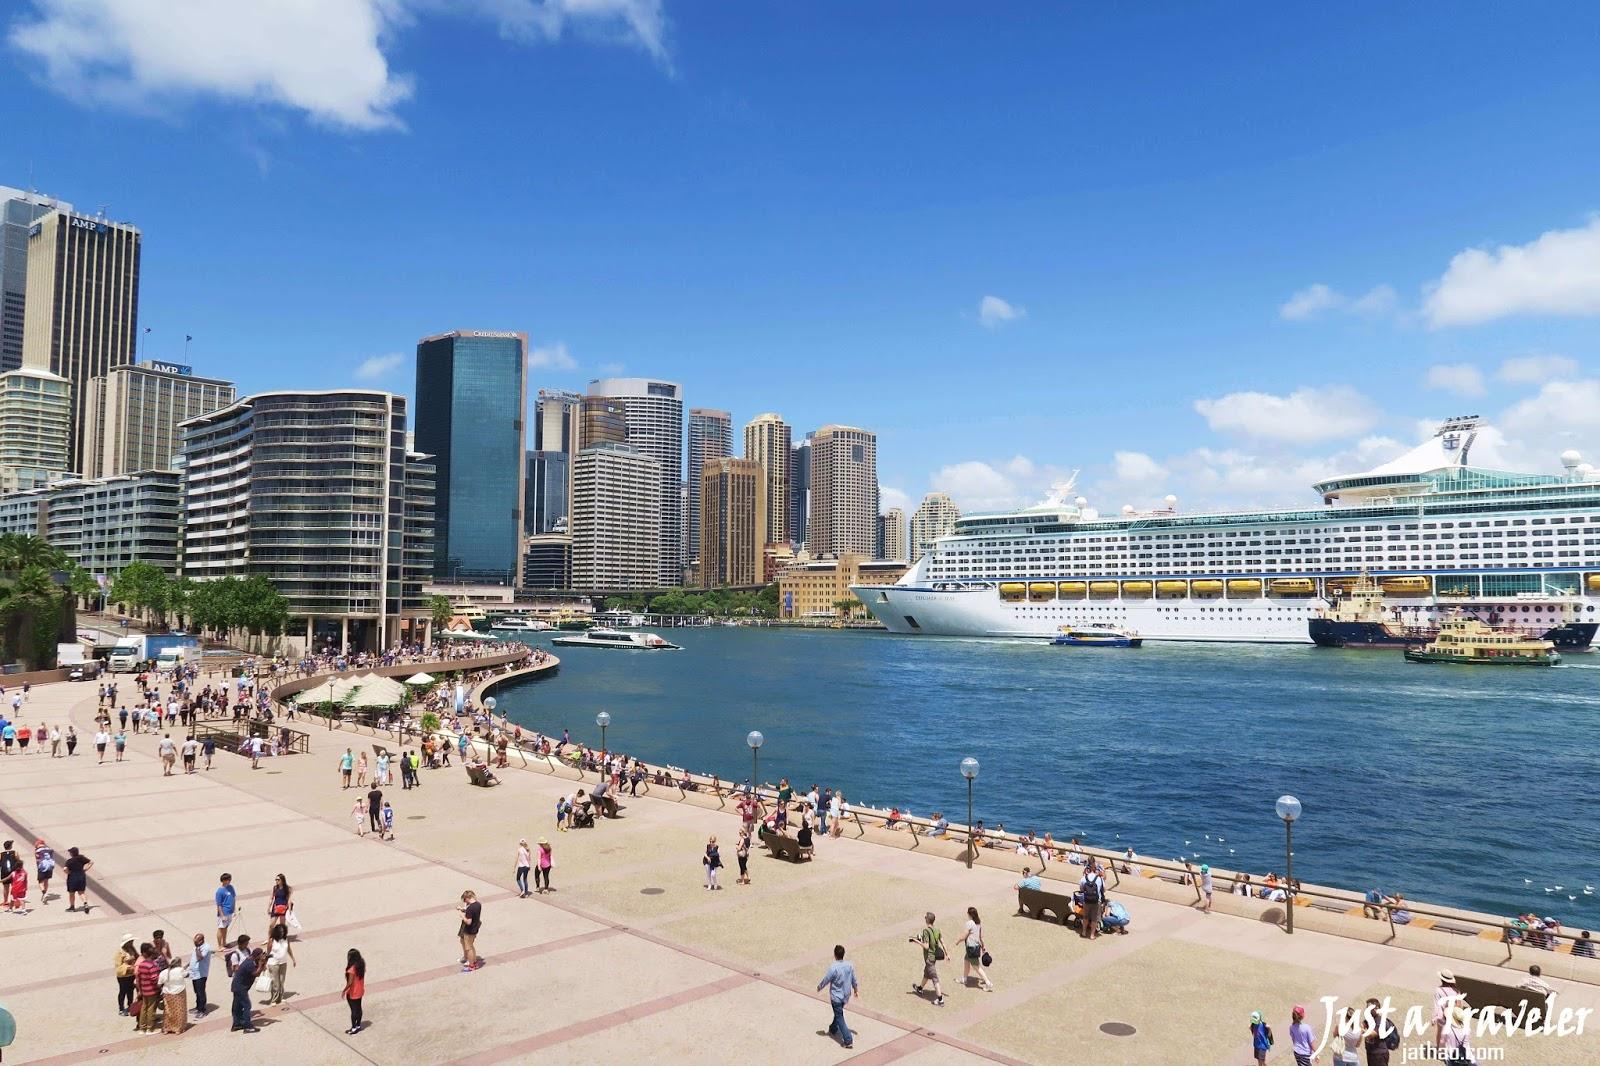 雪梨-雪梨景點-推薦-雪梨必玩景點-雪梨必遊景點-雪梨港-雪梨歌劇院-雪梨港灣大橋-雪梨旅遊景點-雪梨自由行景點-悉尼景點-澳洲-Sydney-Tourist-Attraction-Harbour-Bridge-Opera-House-Travel-Australia